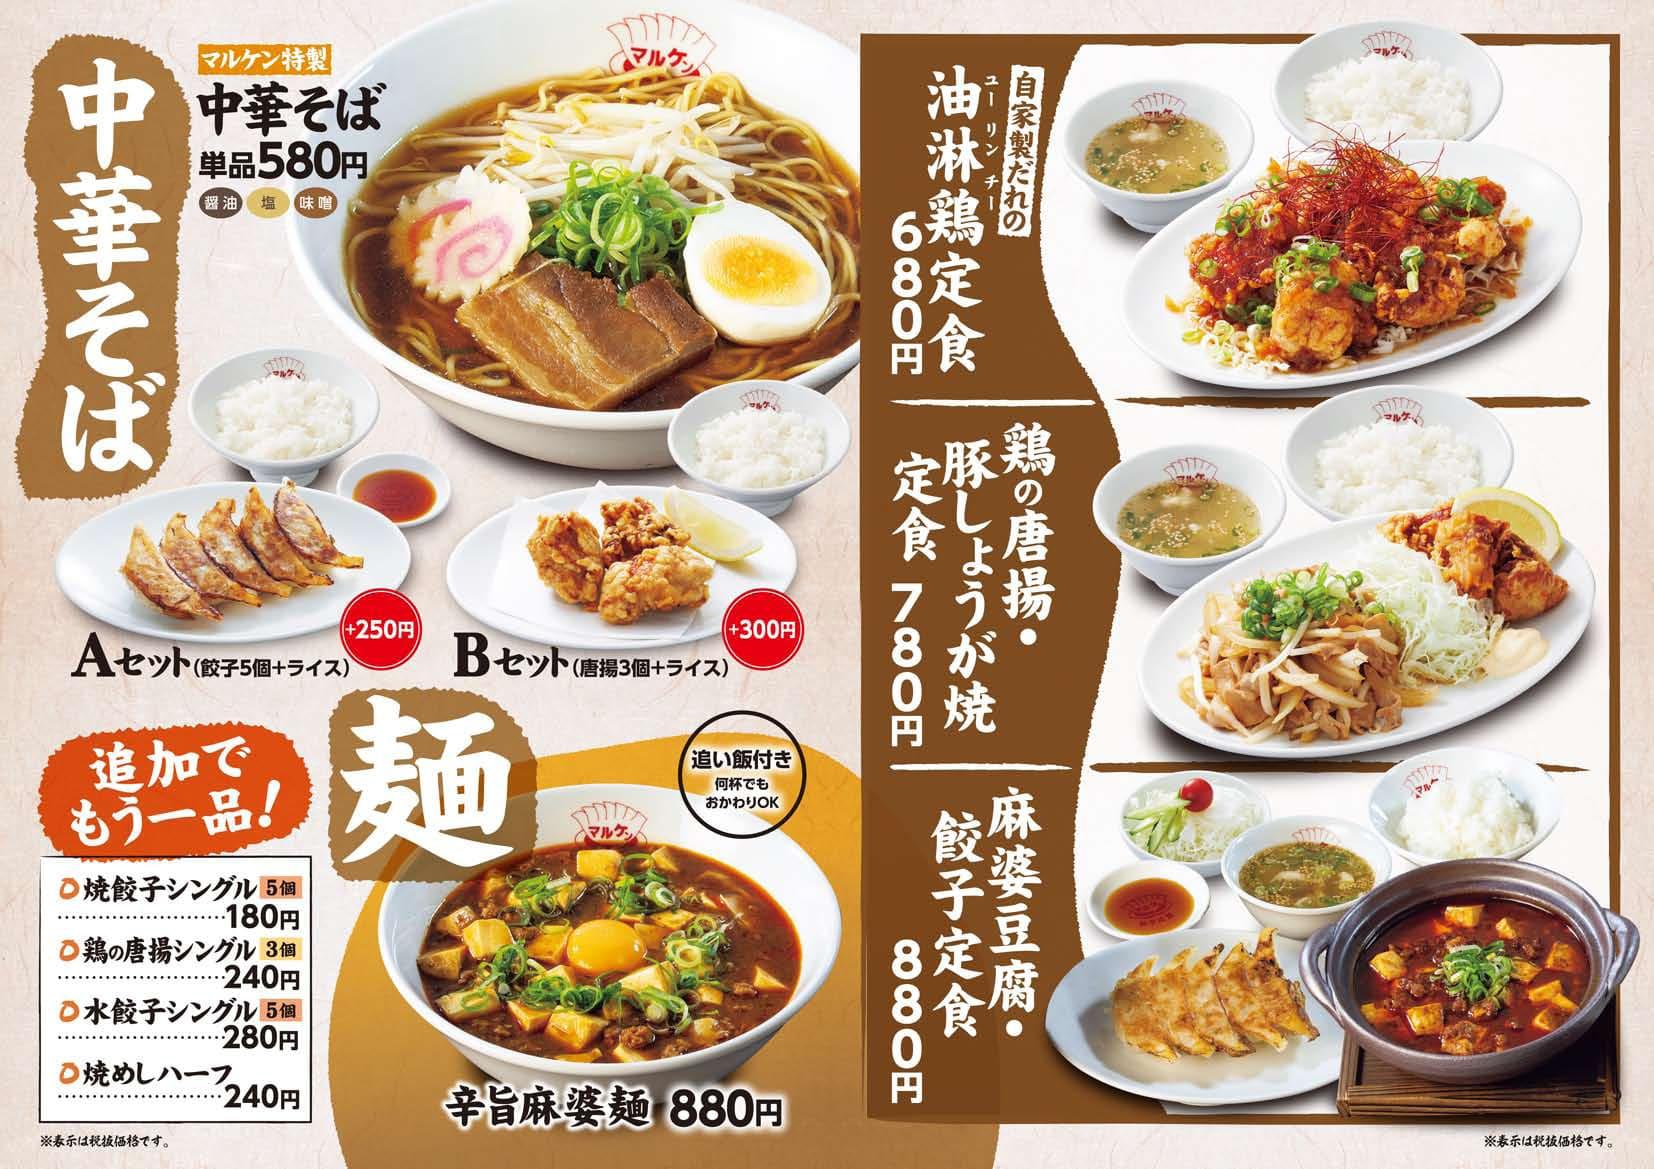 餃子食堂マルケン 定食(ランチ)2